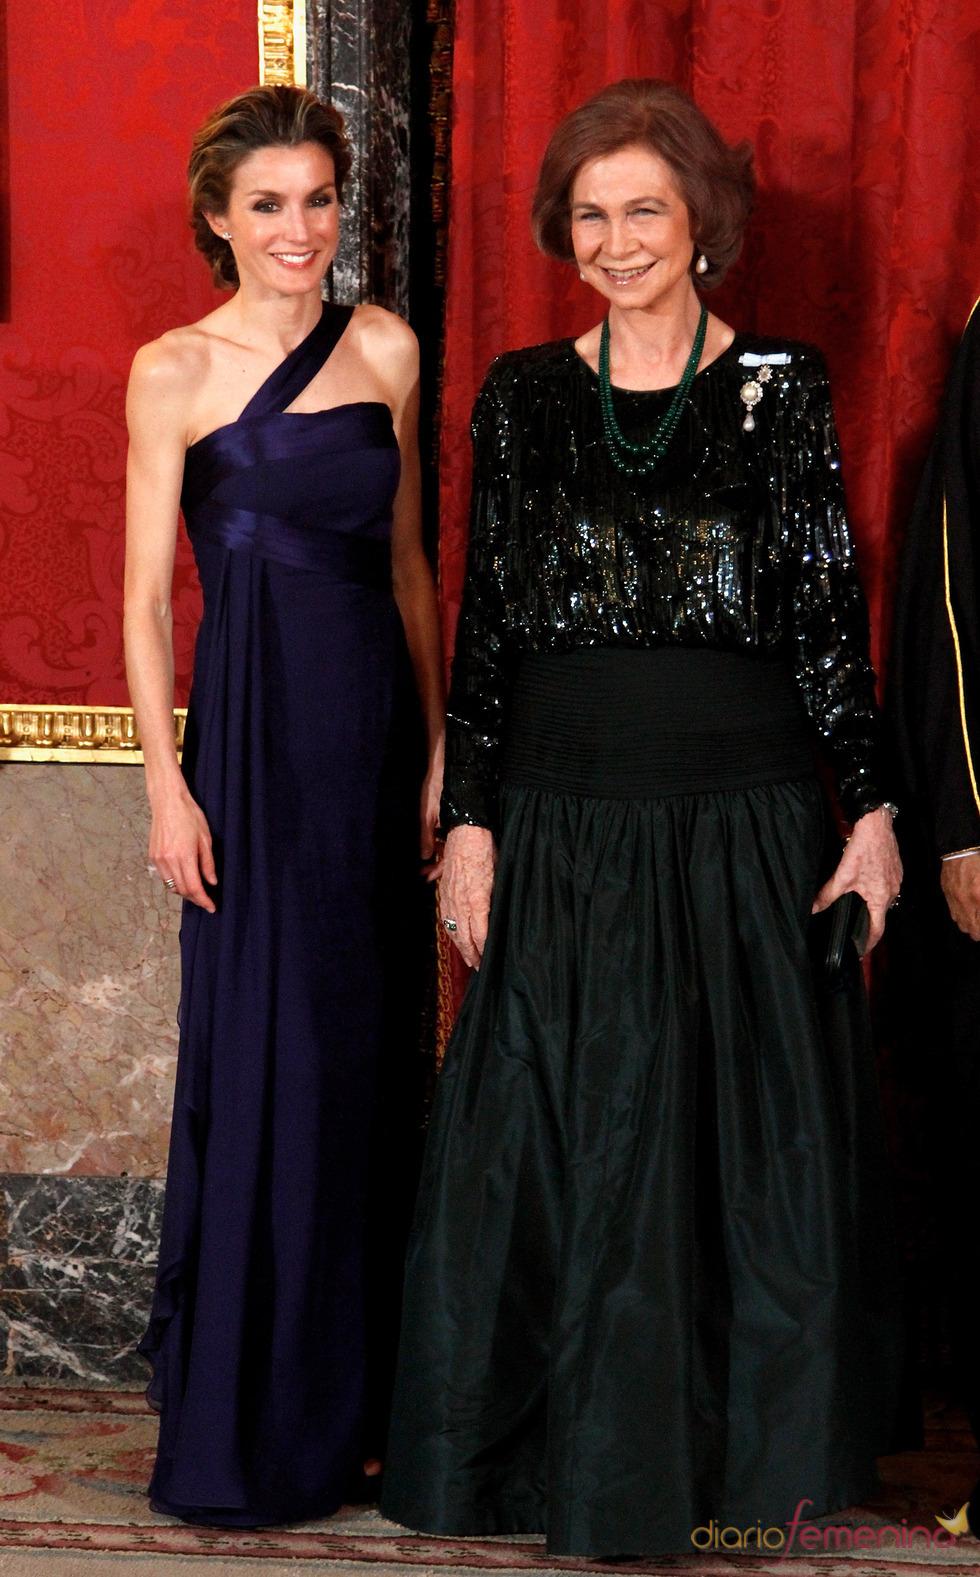 La Reina Sofía y la Princesa Letizia en la cena de gala en honor al emir de Qatar